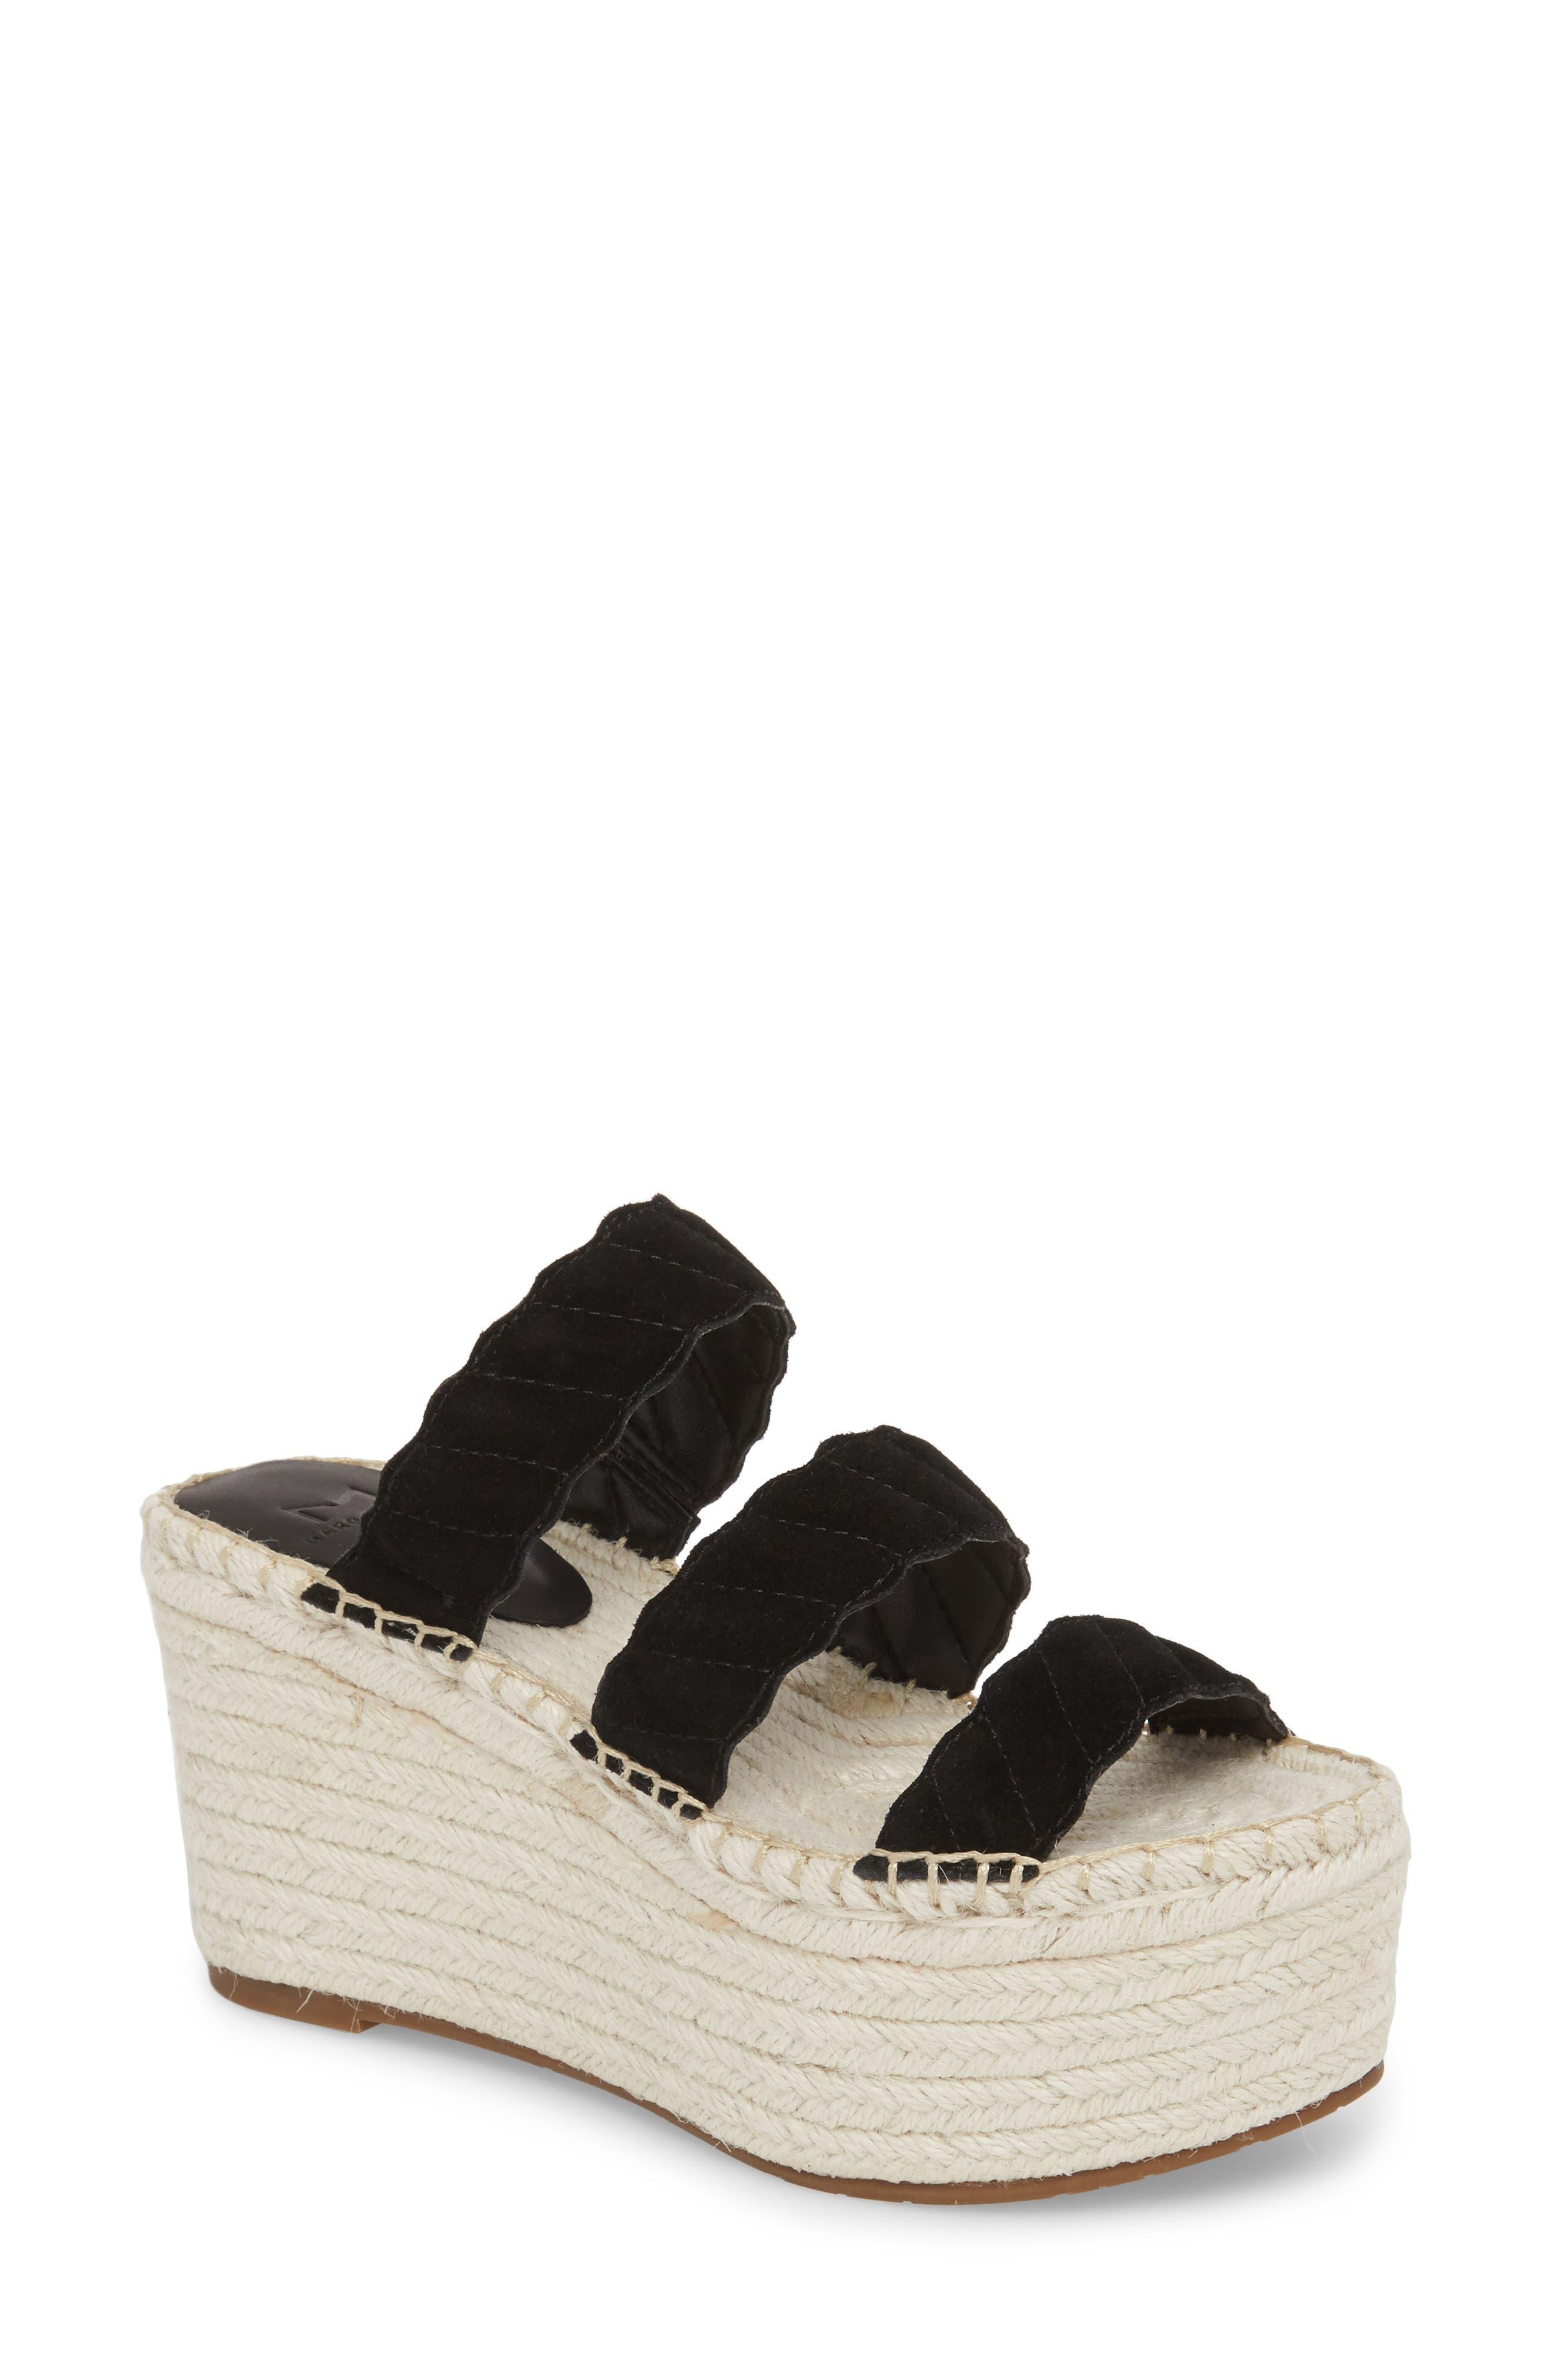 Rosie Espadrille Platform Sandal,                         Main,                         color, BLACK SUEDE